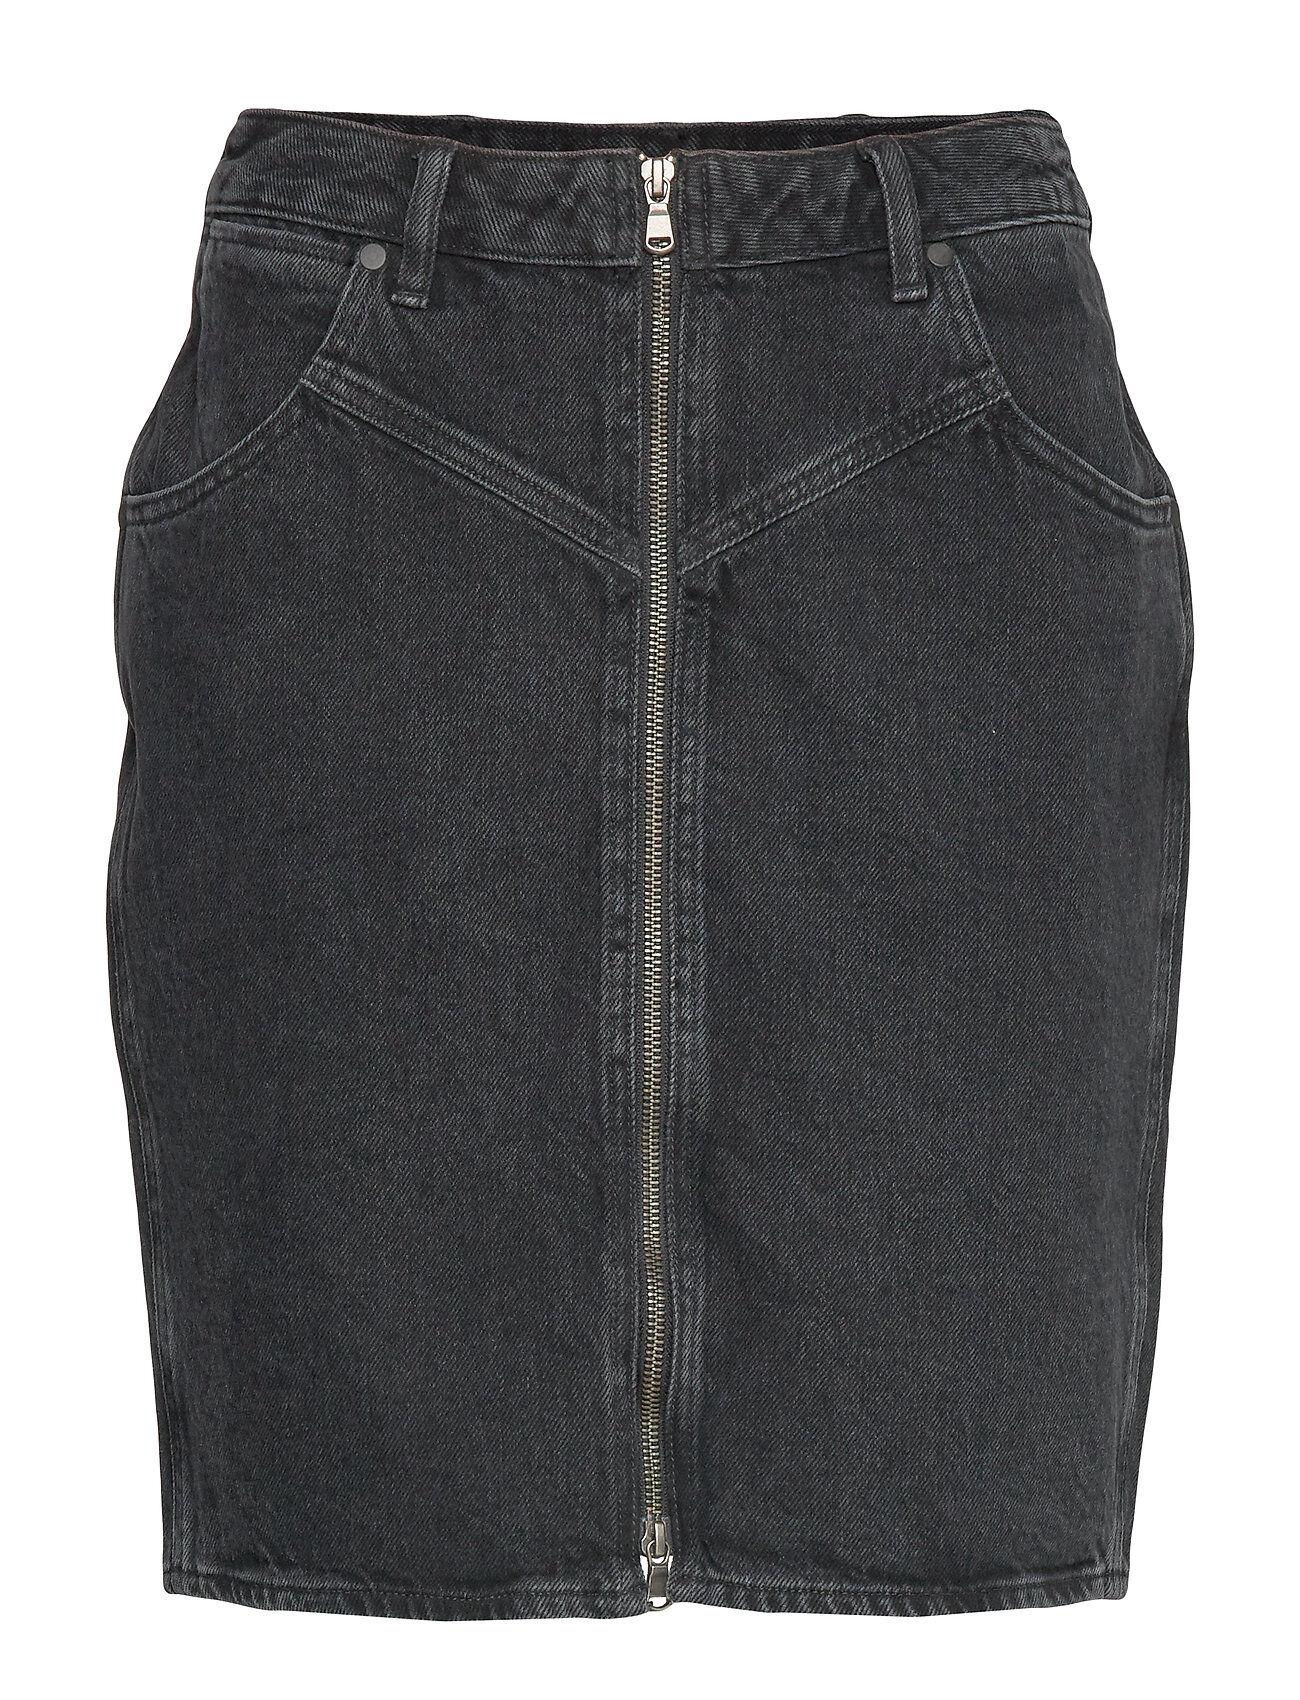 Wrangler High Zip Skirt Black St Lyhyt Hame Musta Wrangler